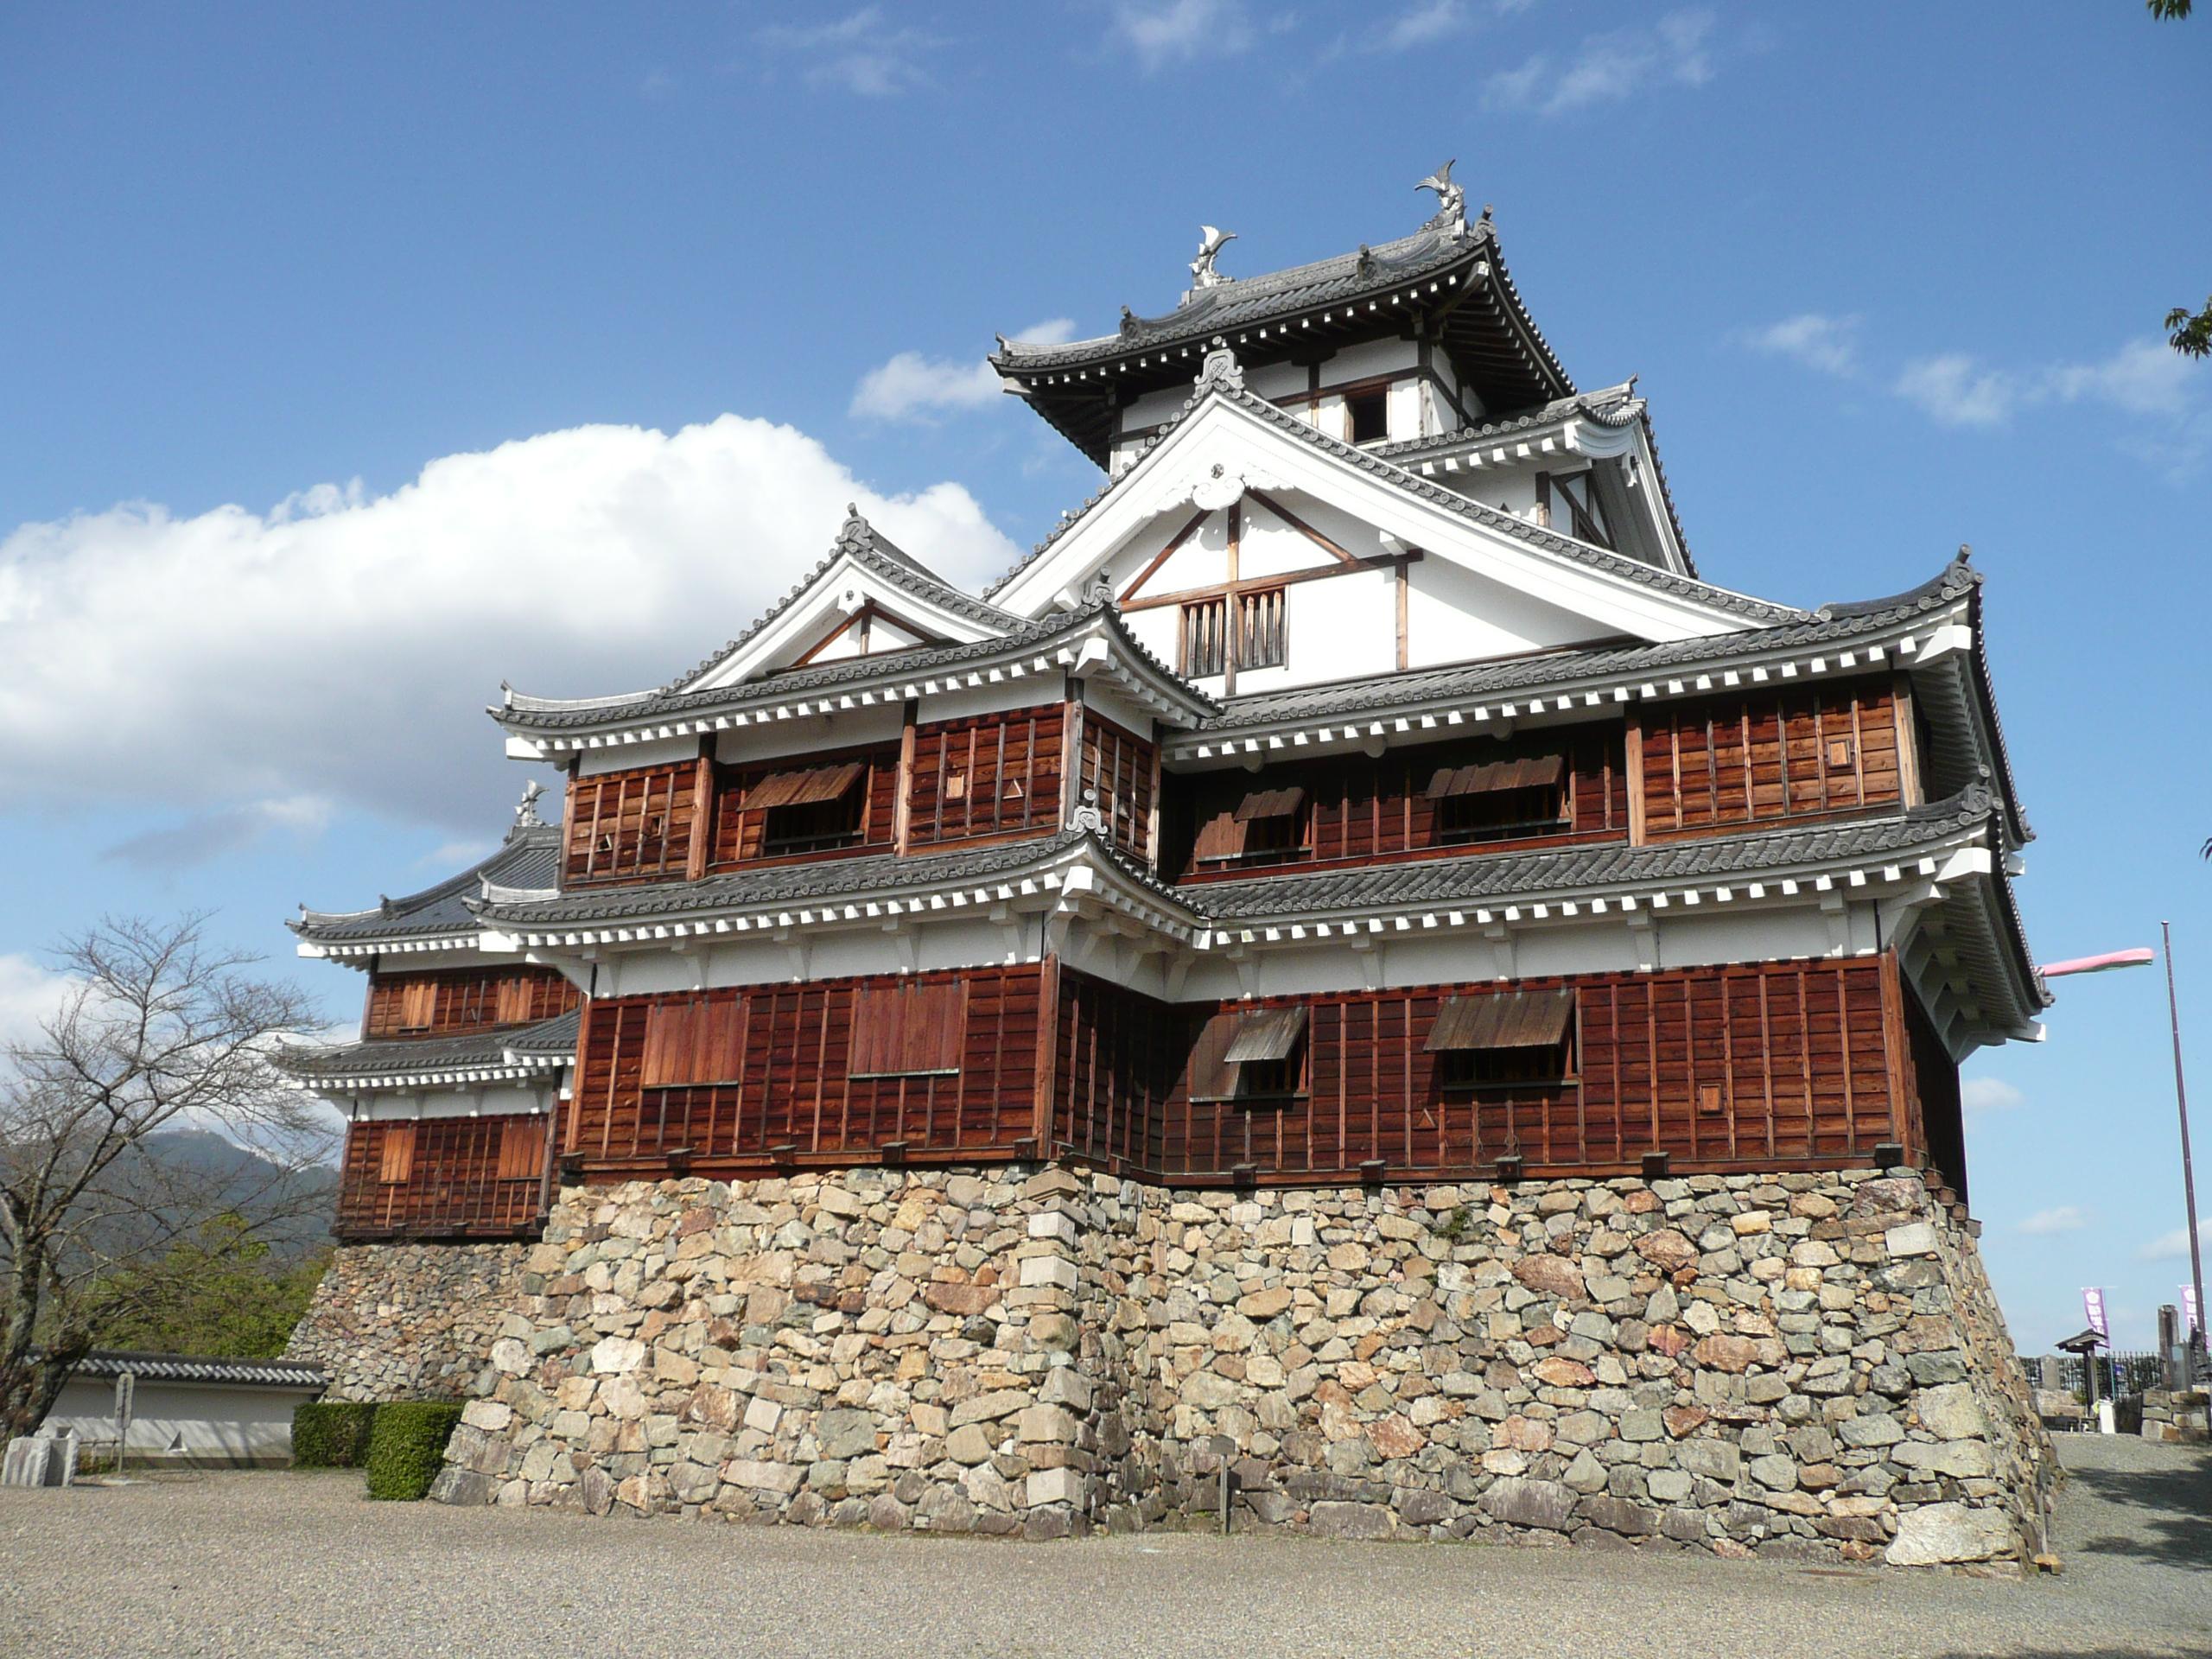 福知山市観光協会おすすめ!絶品グルメから人気観光スポットまで一挙にご紹介!